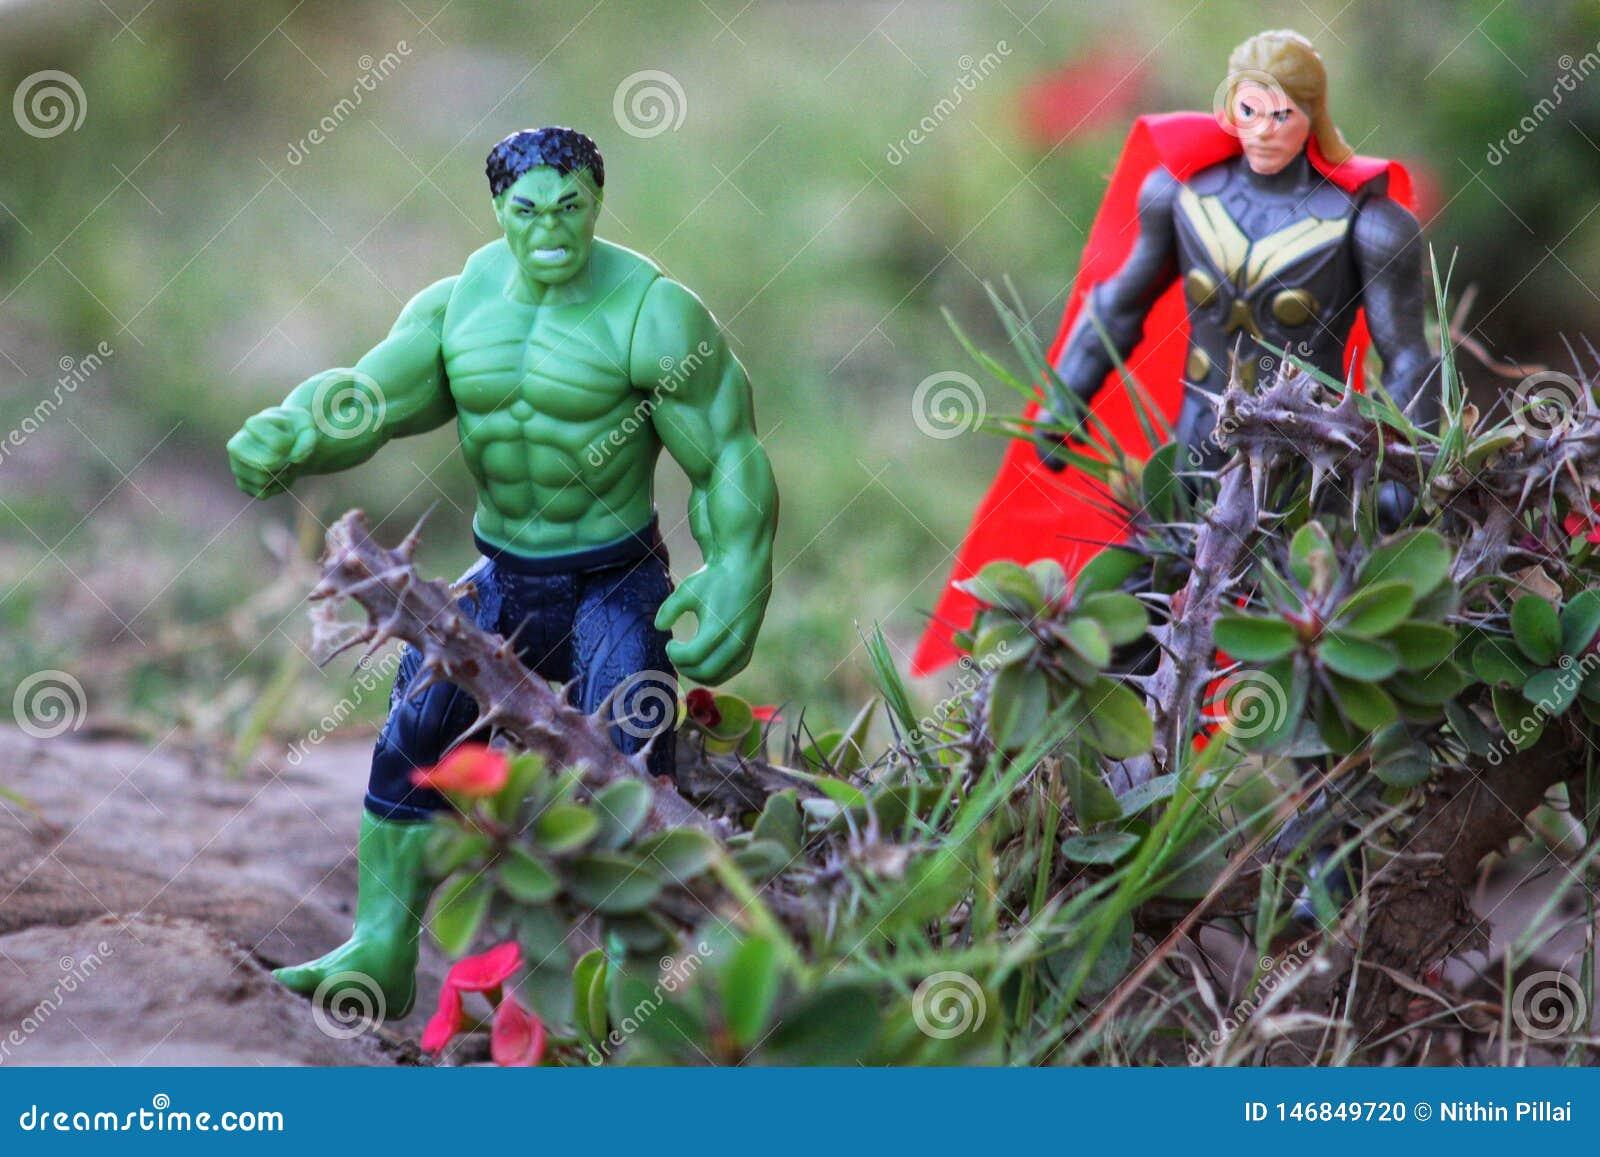 Απίστευτοι hulk & βασιλιάς της τοποθέτησης Asgard Thor